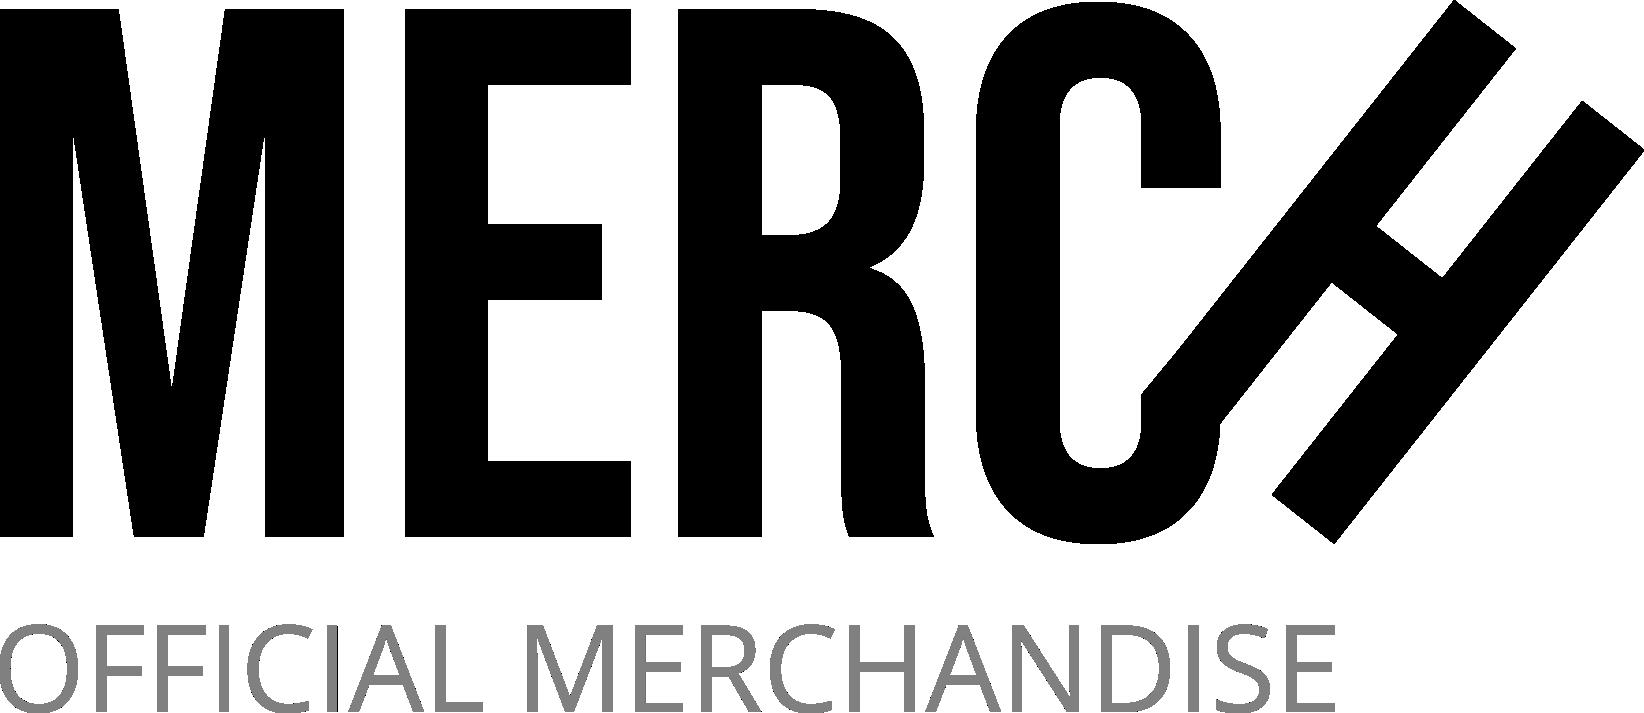 Merch - Oficialios atributikos parduotuvė